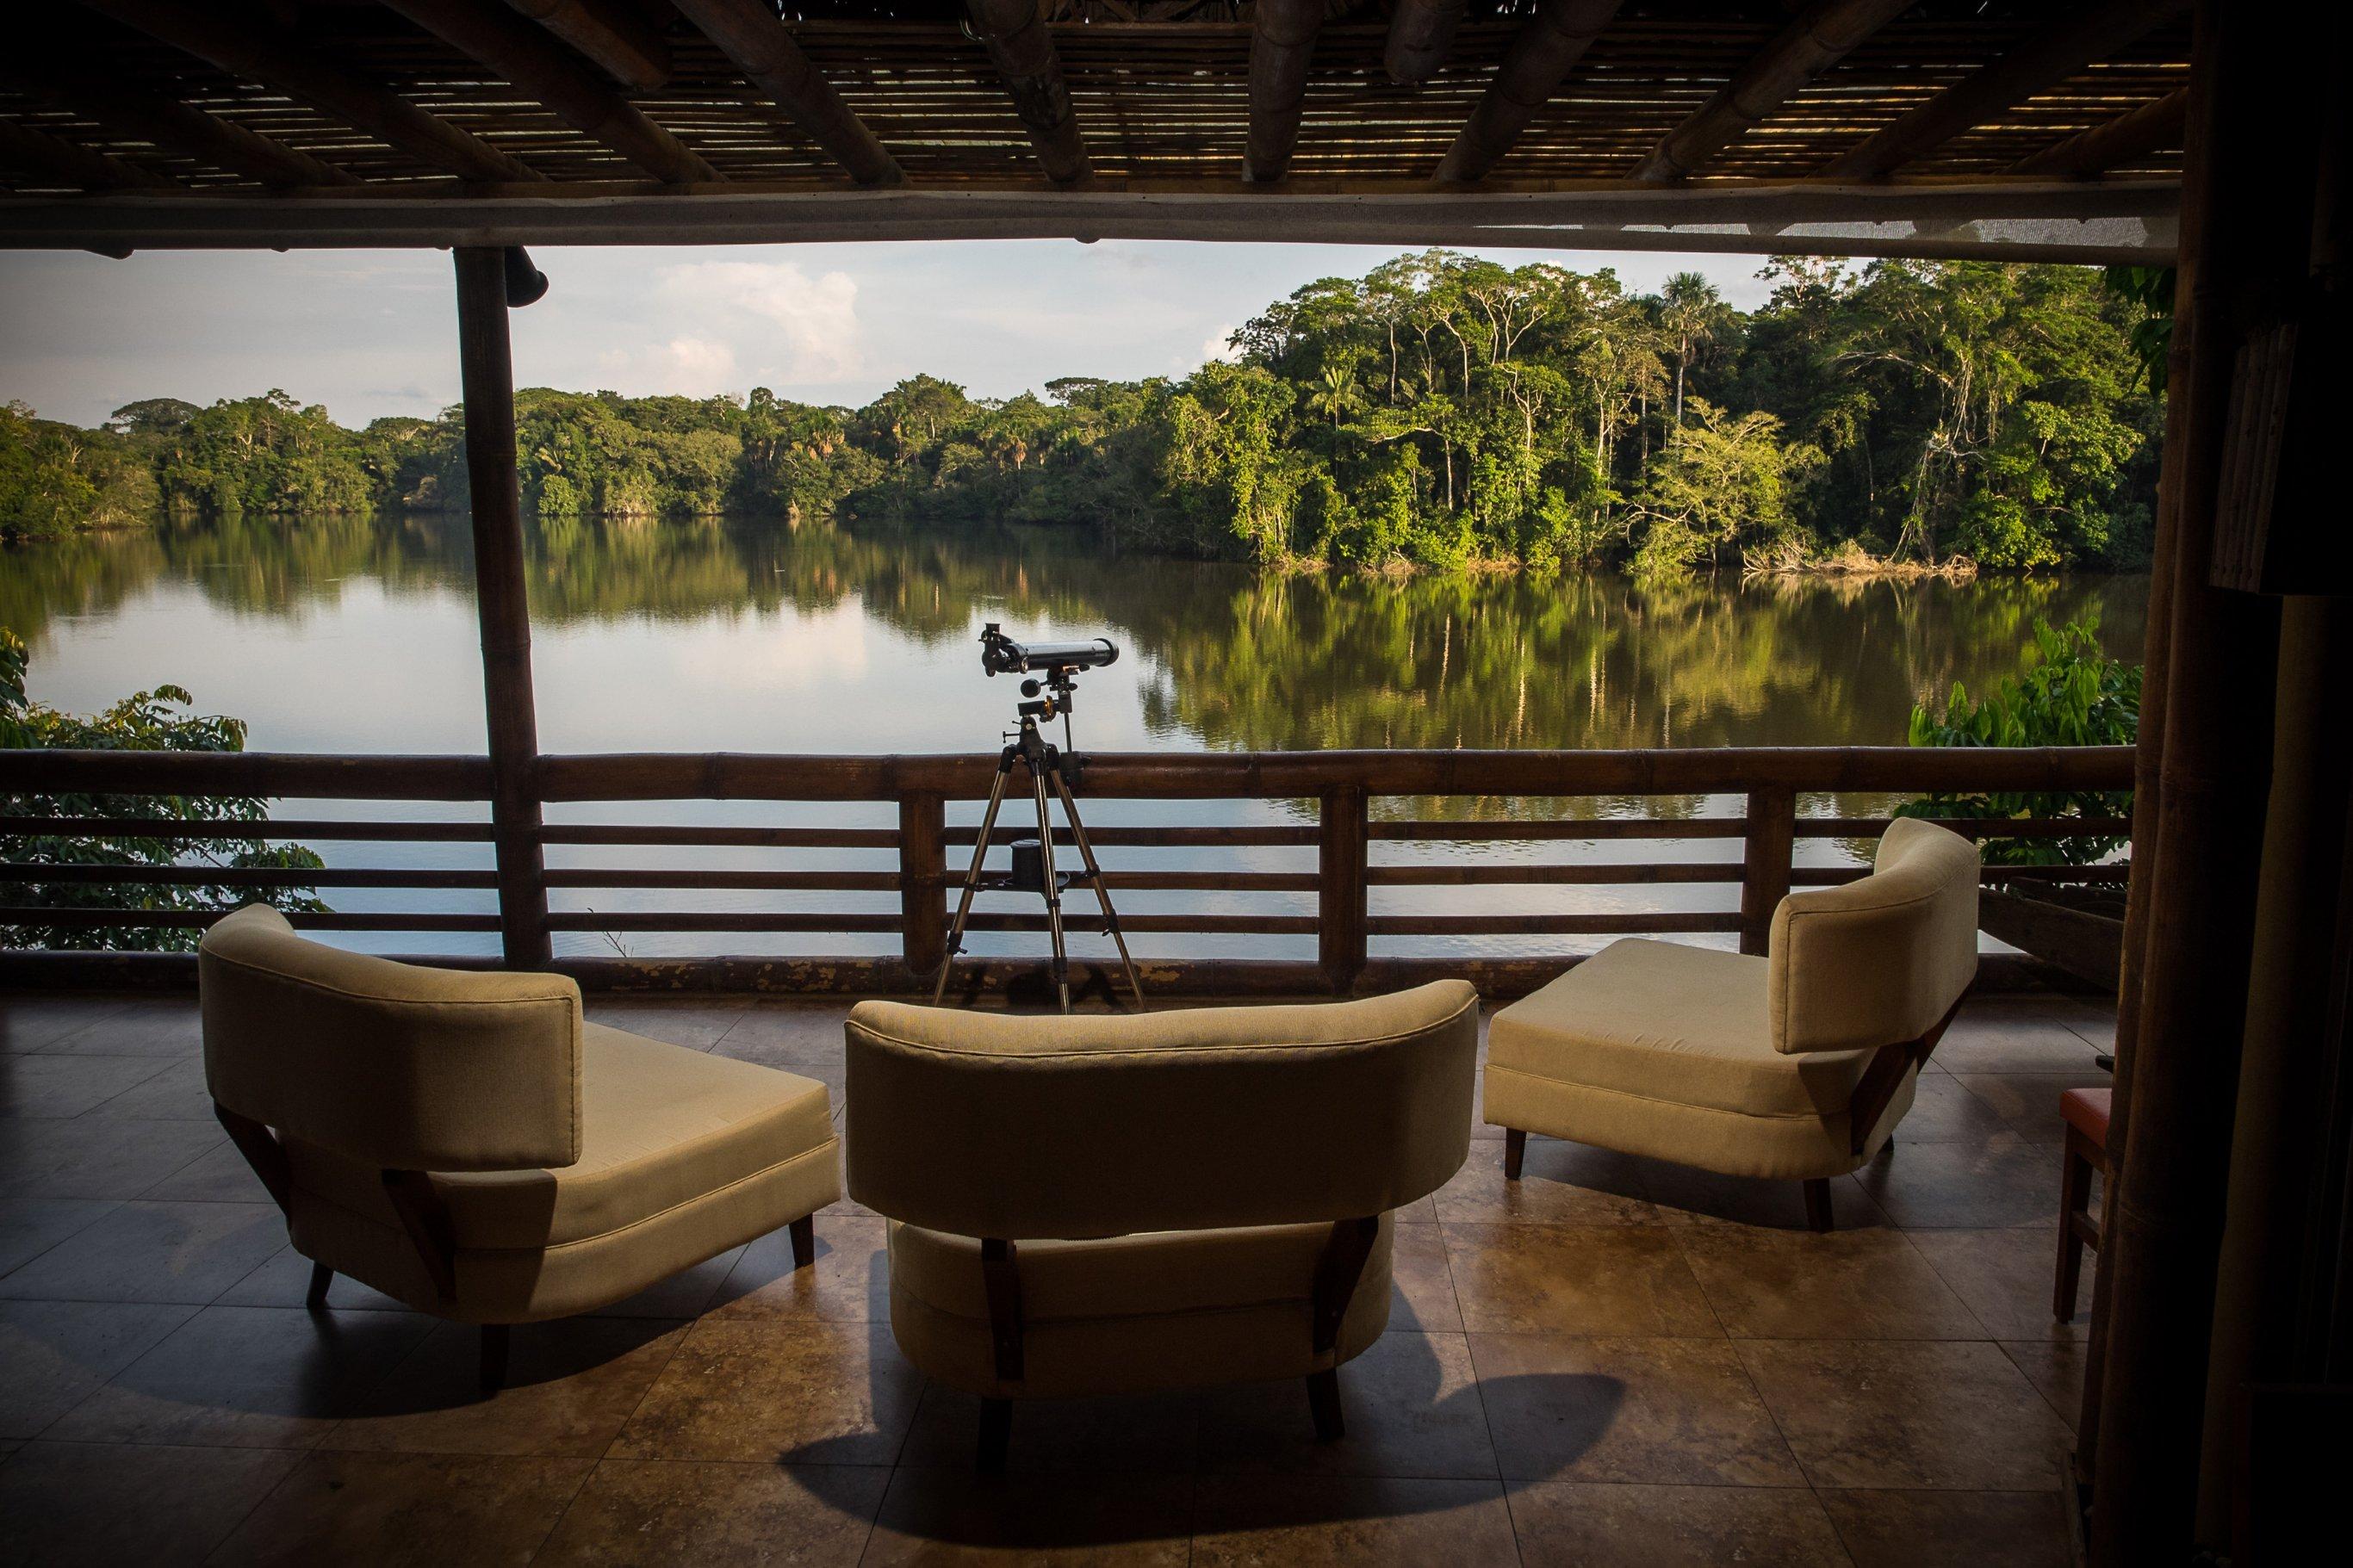 6-Day The Amazon Experience - Ecuador Itinerary